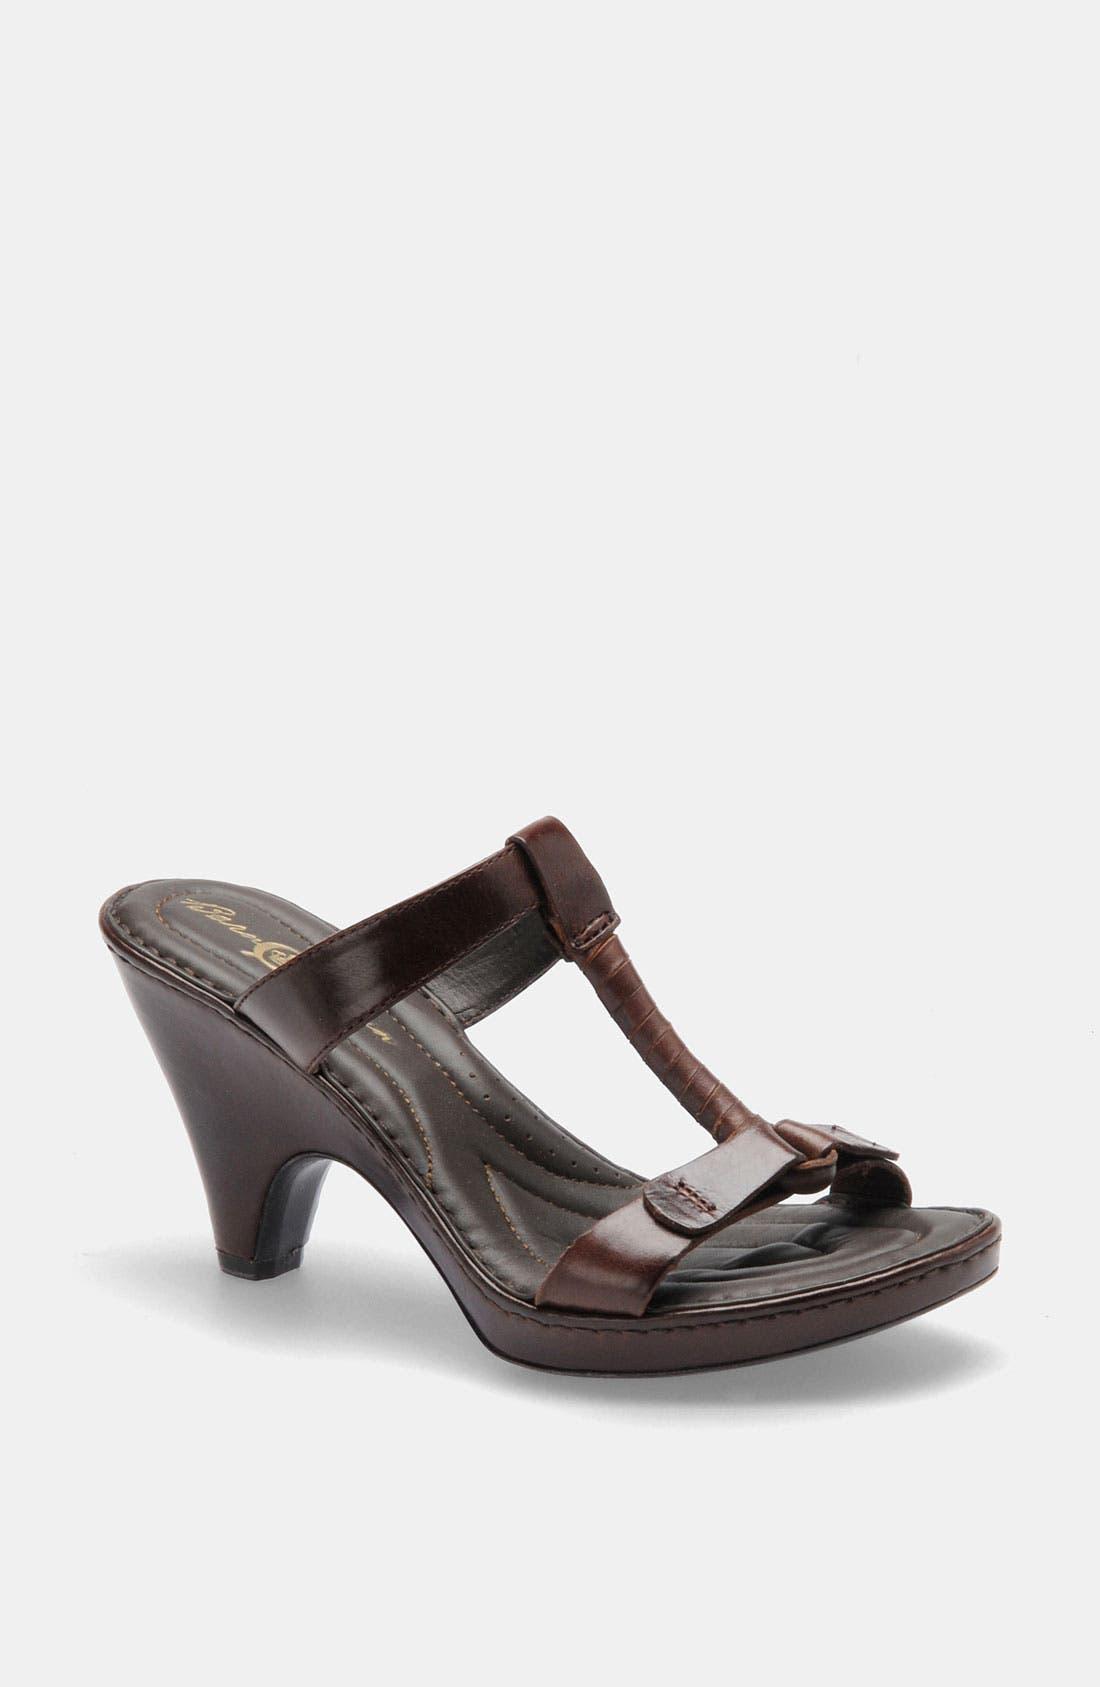 Alternate Image 1 Selected - Børn 'Katia' Sandal